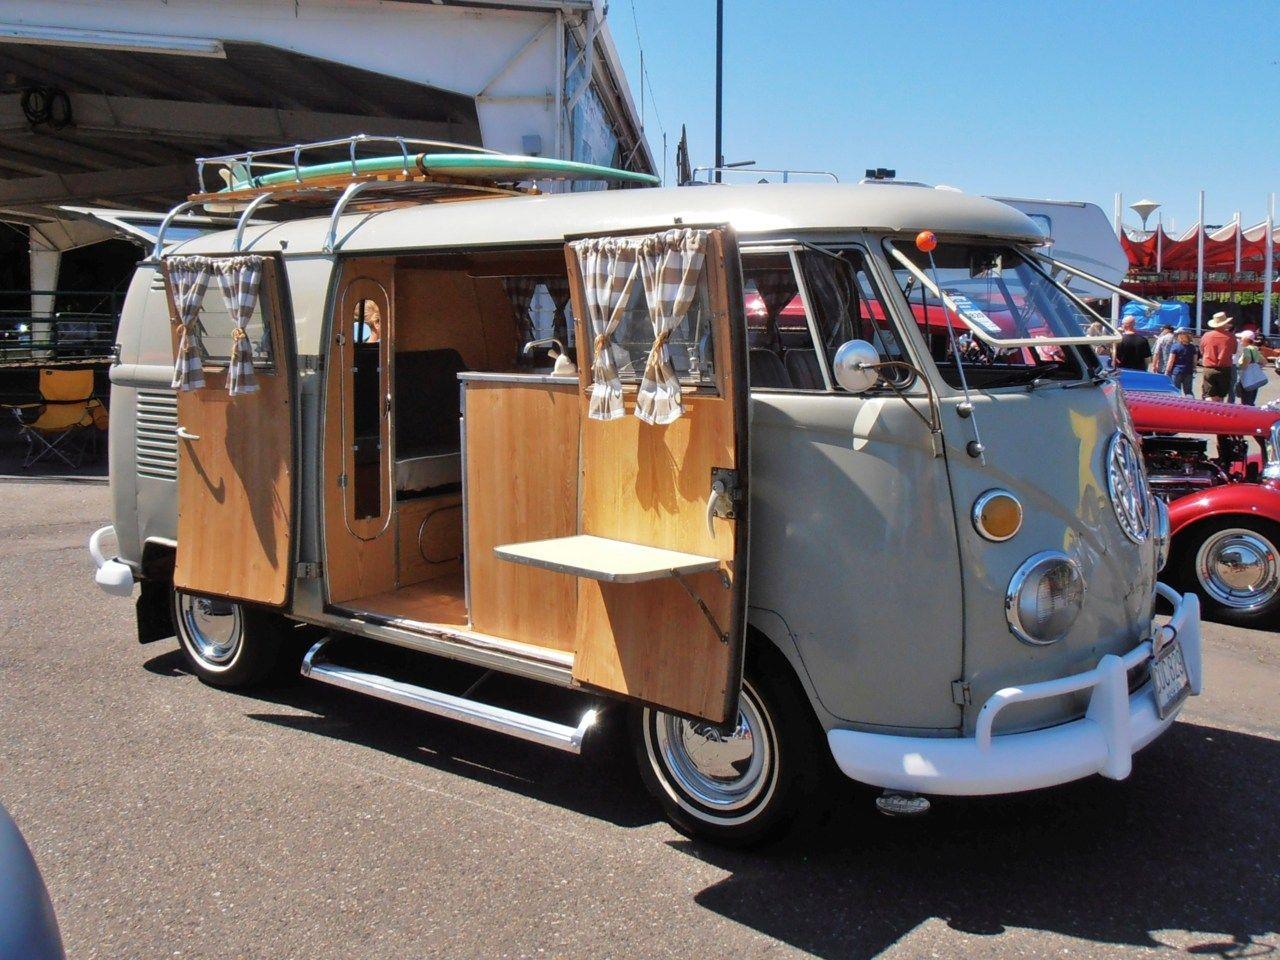 Volkswagen Camper 2011 Good Guys Car Show In Puyallup Volkswagen Camper Car Camper Vw Bus